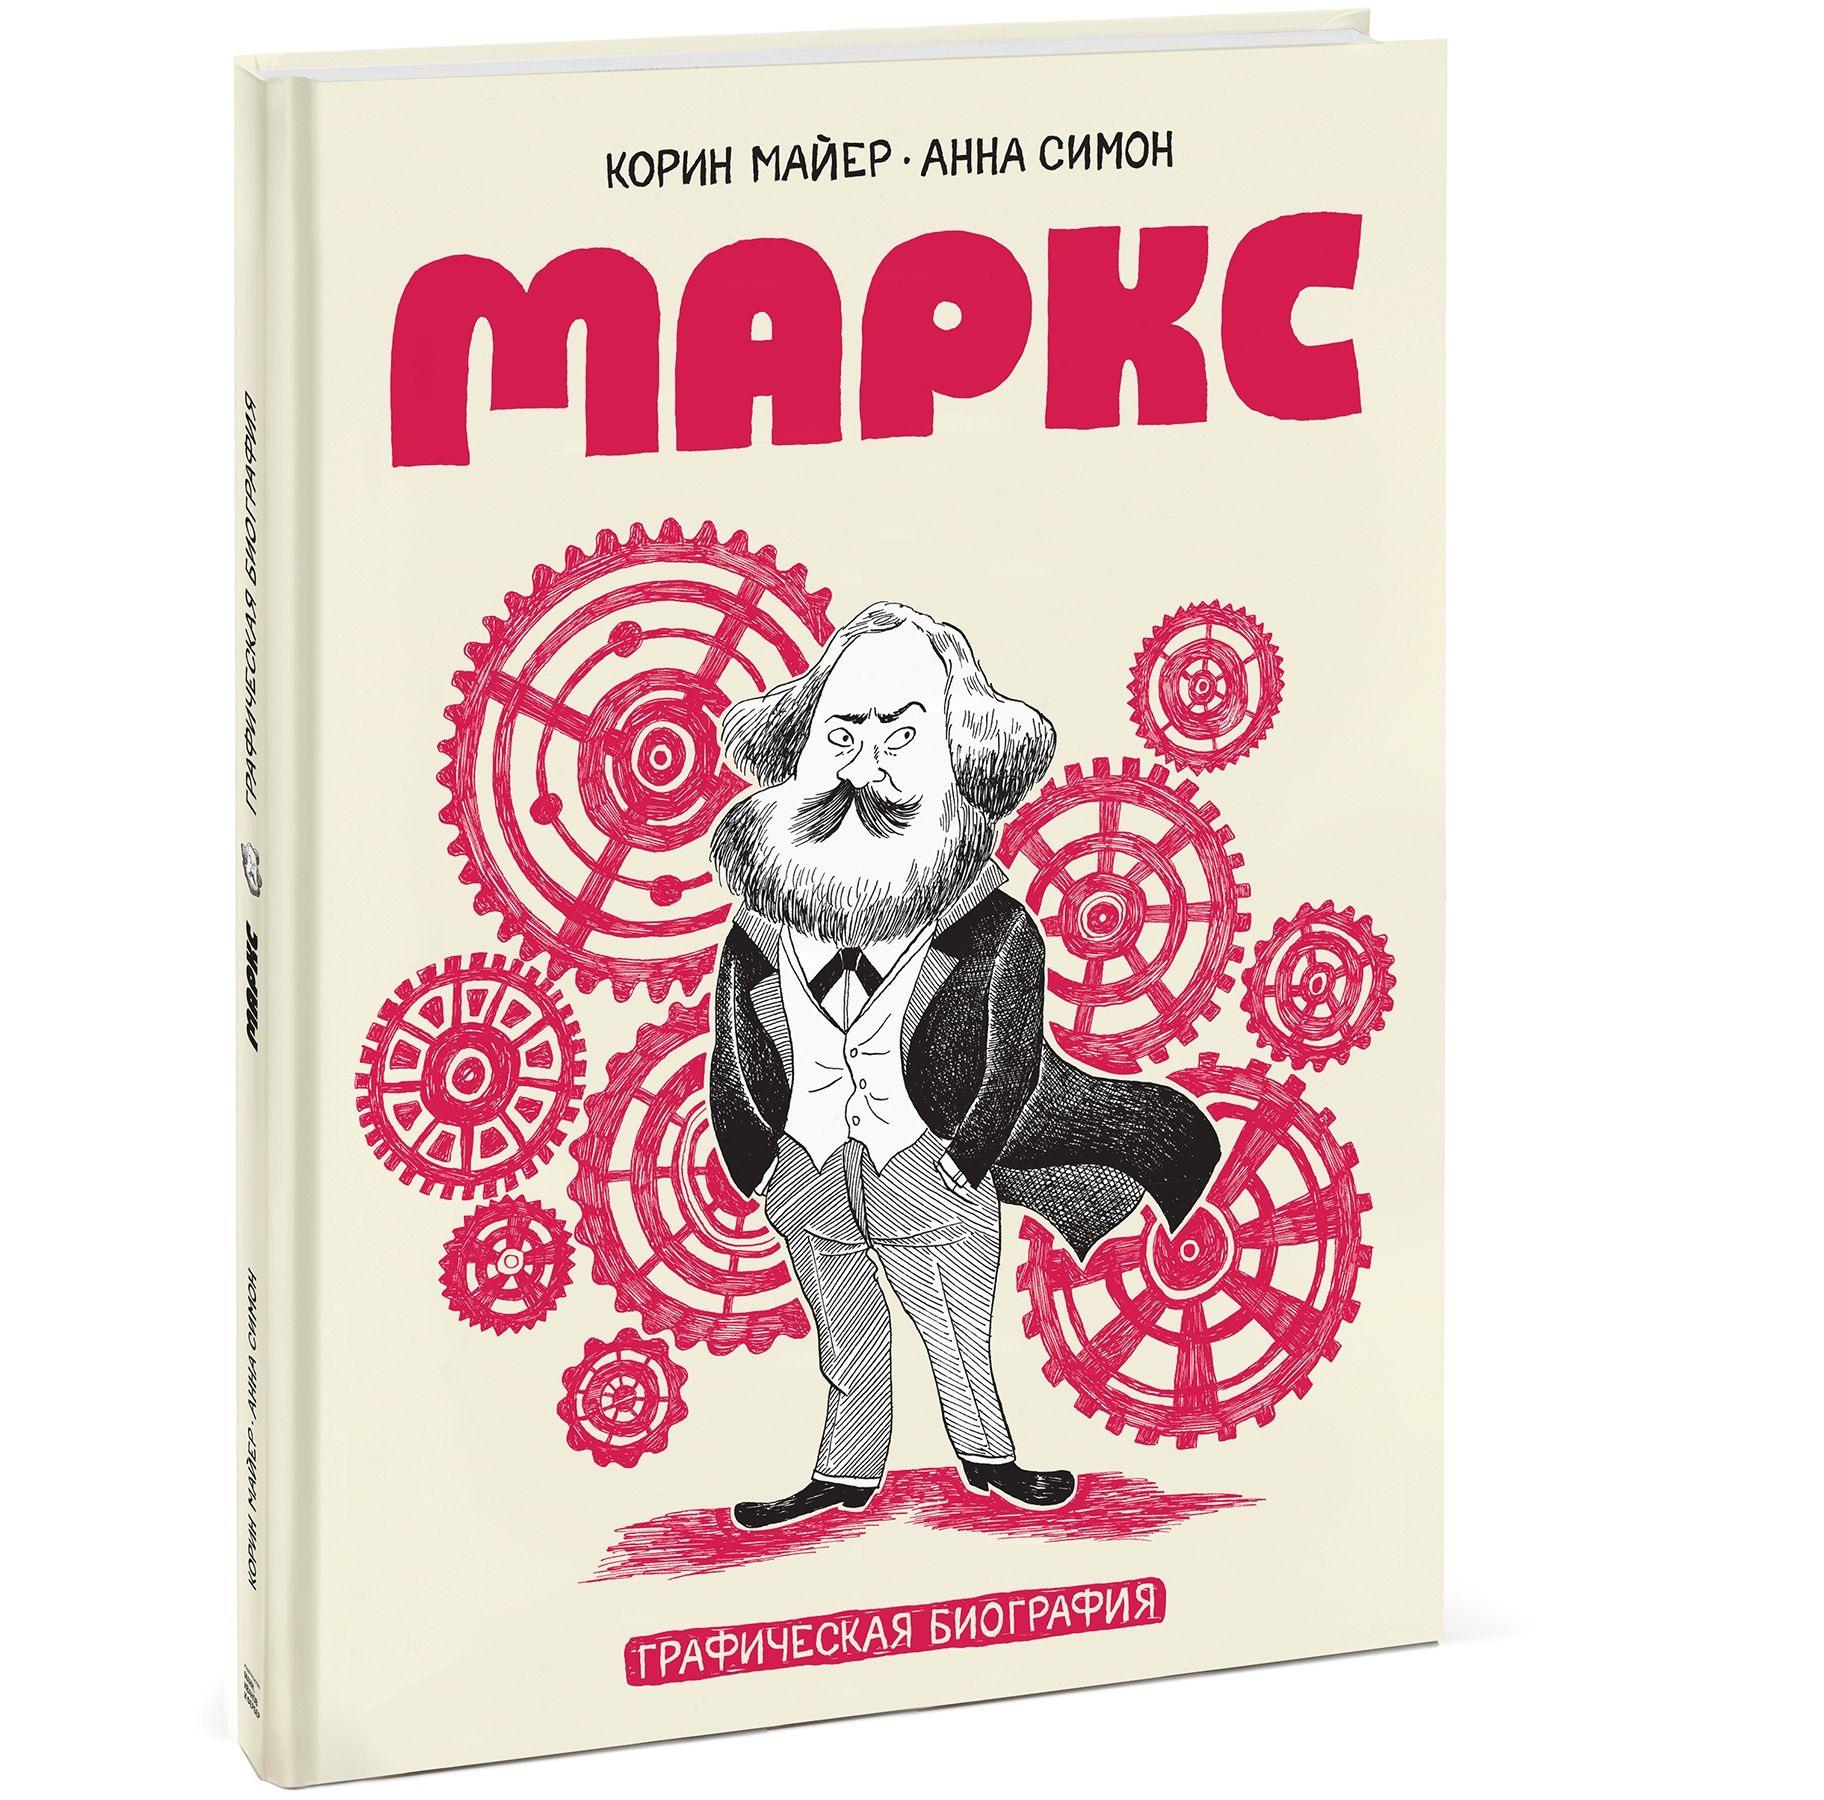 Купить Маркс. Графическая биография, Анна Симон, 978-5-00100-881-1